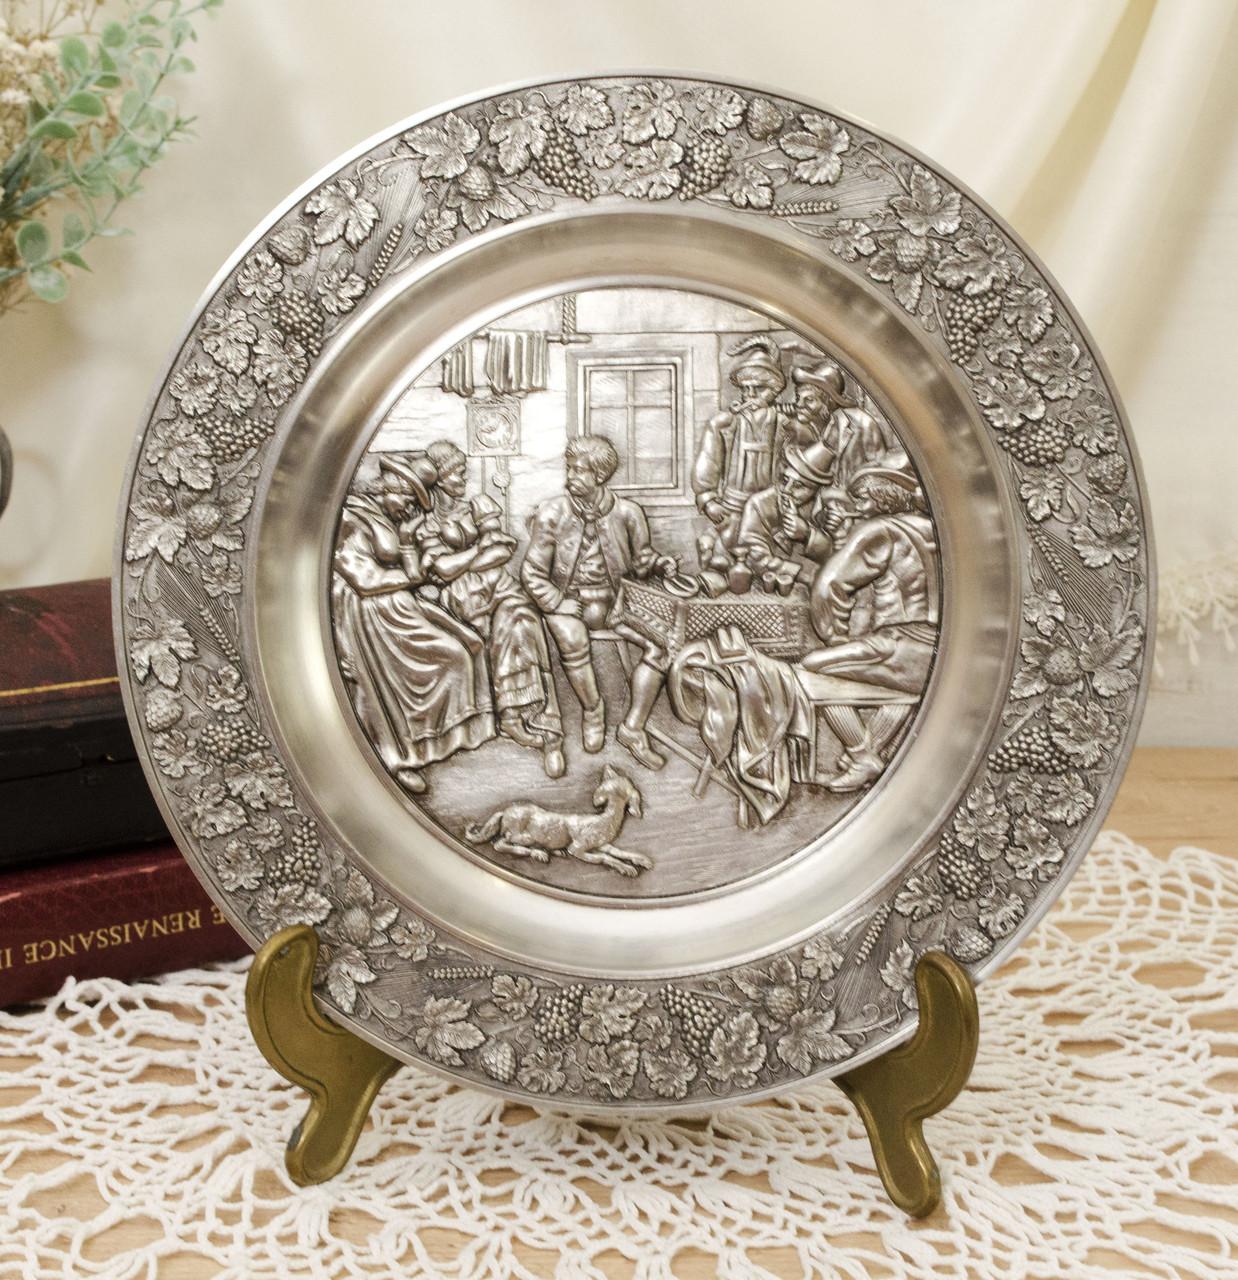 Оловянная коллекционная настенная тарелочка, олово, Германия, Шедевры живописи